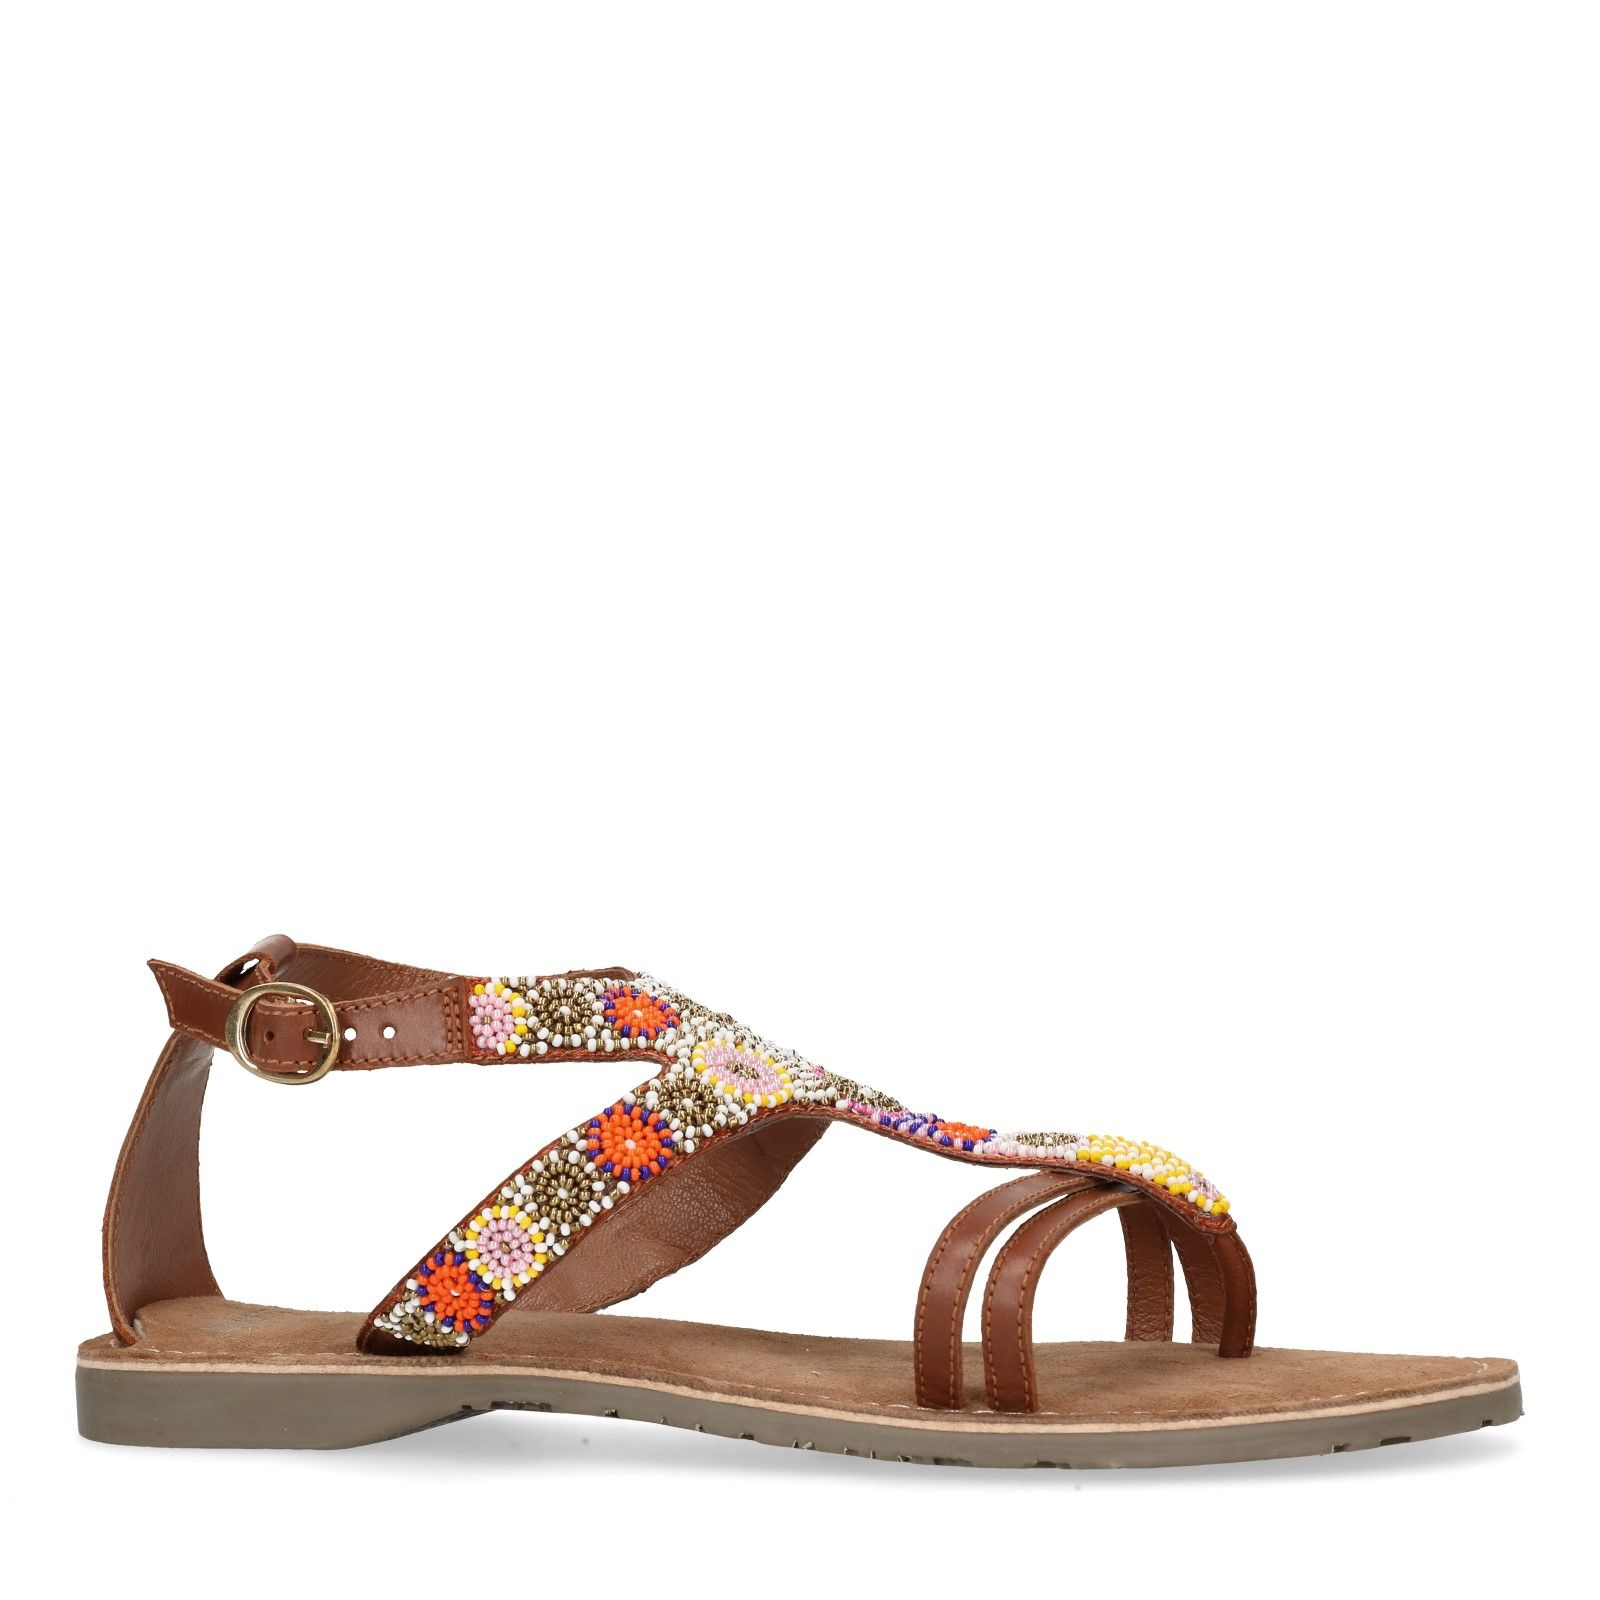 Ongekend Leren sandalen met kralen - Dames | MANFIELD OL-98